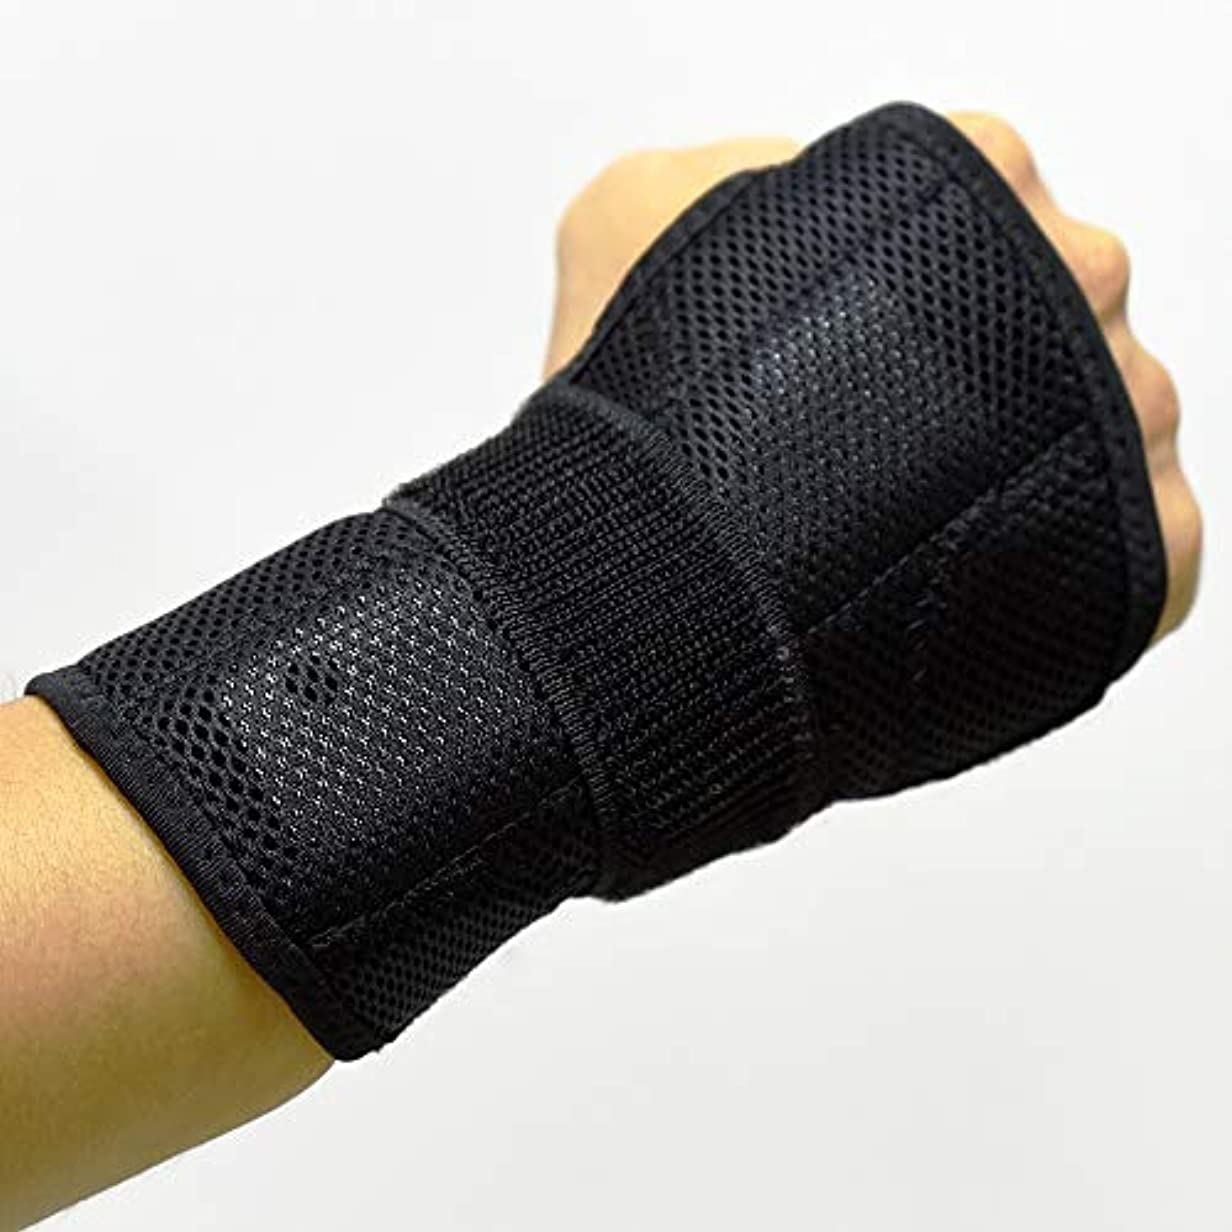 要件配列チューリップ手首サポートスプリントブレース、調節可能な 手首ブレーススプリントは、怪我、スポーツ、ジム、繰り返しの緊張などに対応します デザイン,Lefthand